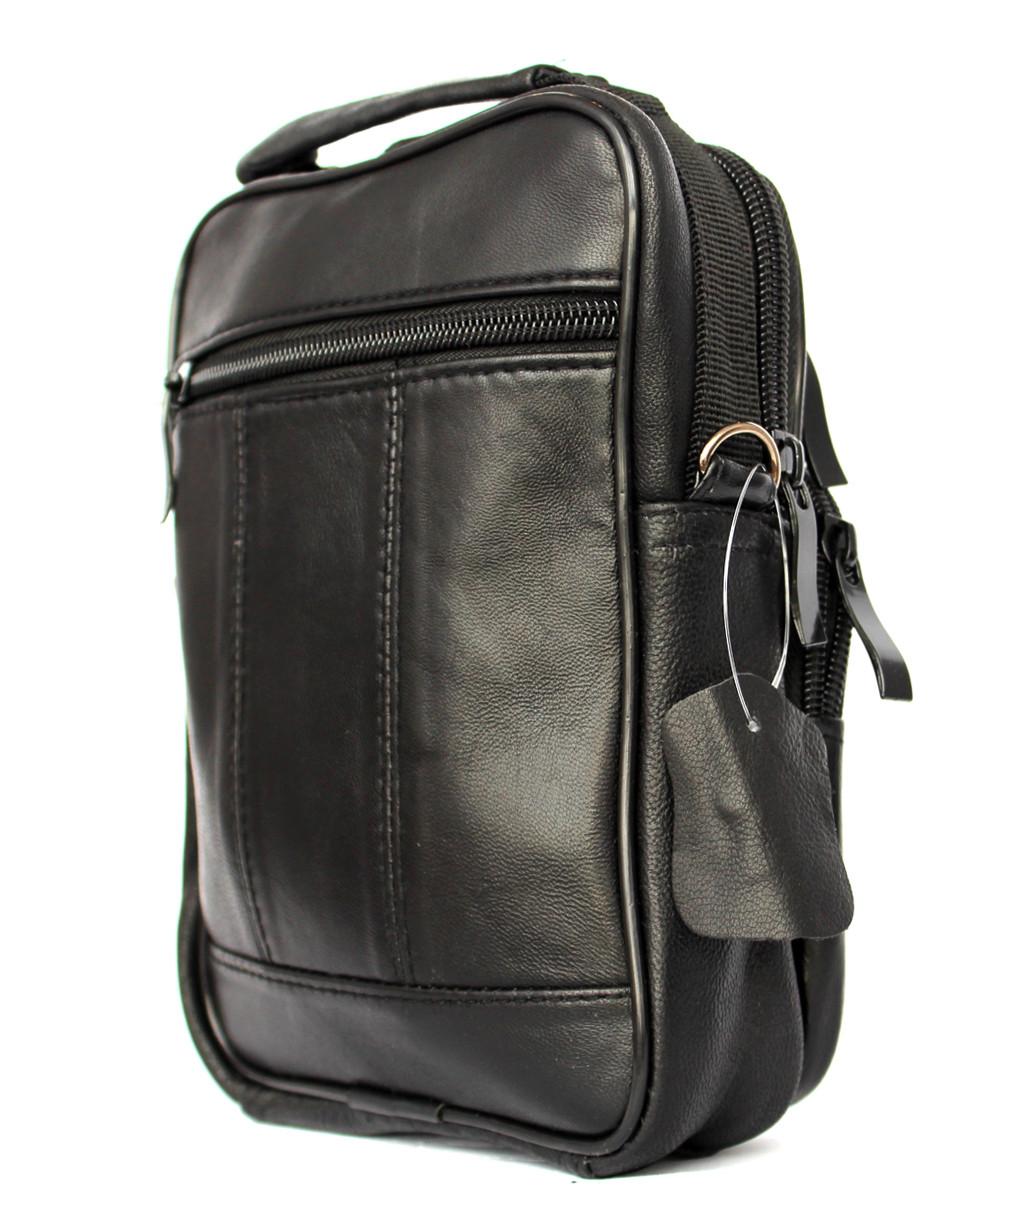 Кожаная сумка для мужчин вместительная черная (8655)